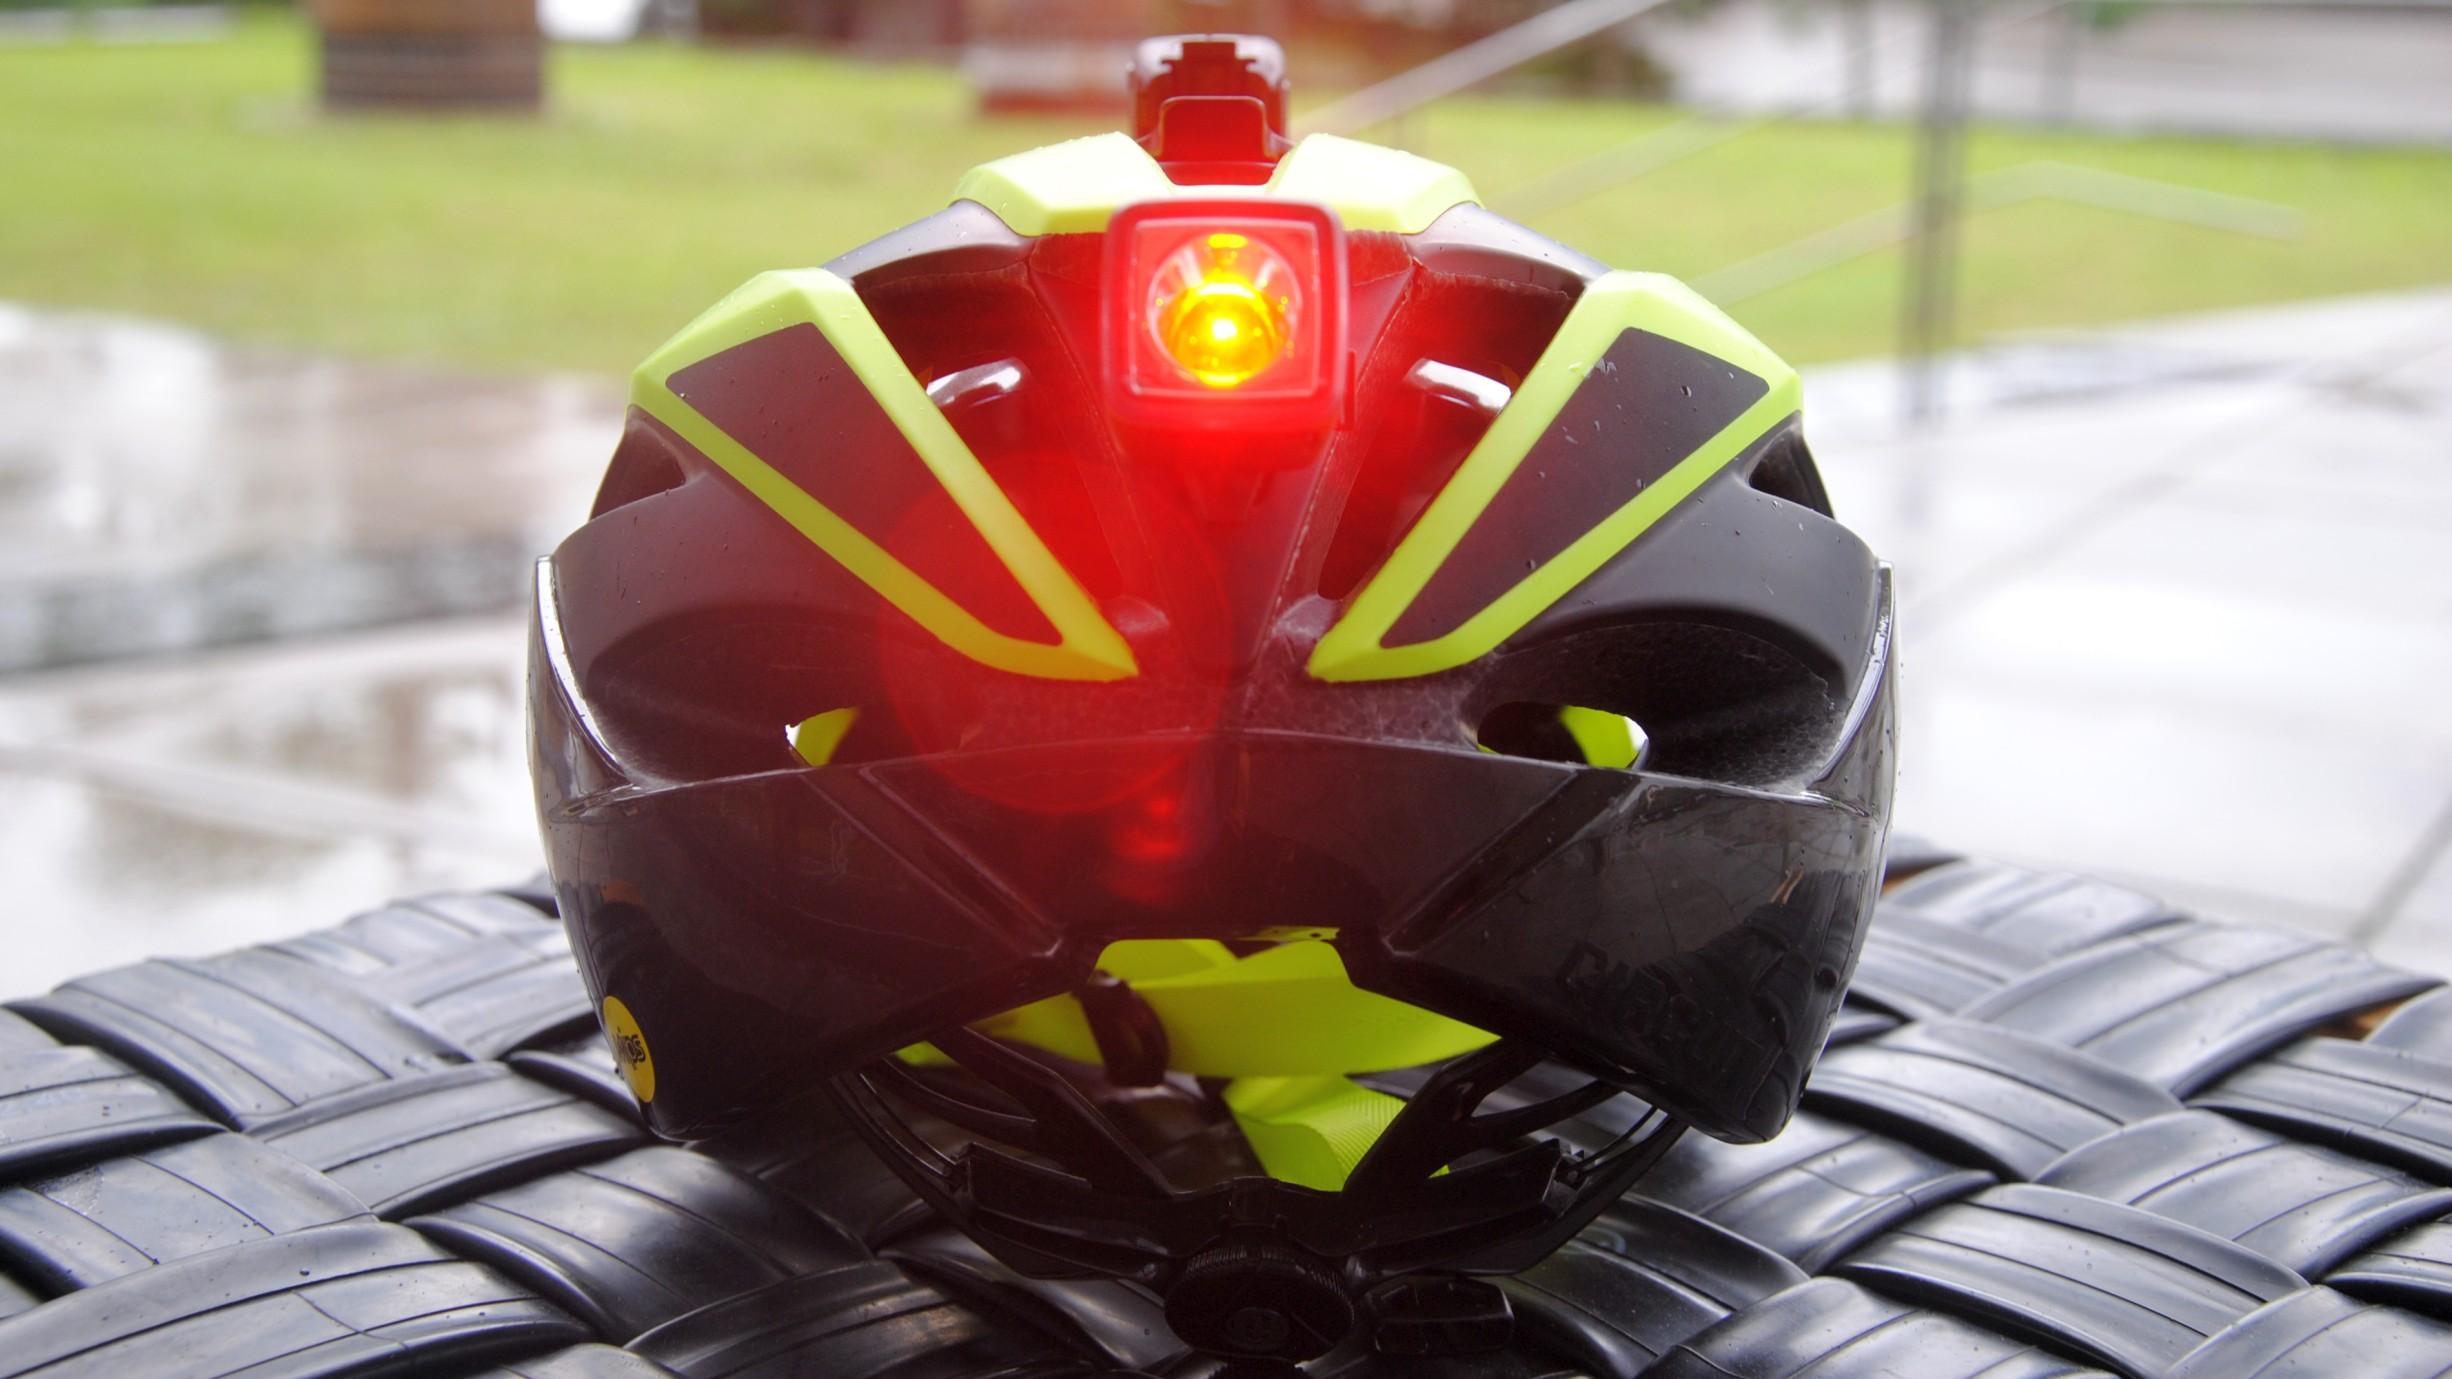 Sehen ist wichtig, gesehen werden aber mindestens ebenso. Da springt Bontrager mit seiner Visibility-Kampagne bestehend aus Bekleidung, Schuhen, Helmen und (Tag-)Fahrlichtern in die Bresche. Der neue Circuit zielt ebenfalls in selbige Ecke. Neben MIPS, Boa-Verschluss, In-Mold Konstruktion mit vergrößerten Ventilationsöffnungen und antibakteriellen Pads verfügt er auch über Bendr Montageaufnahmen. Damit lässt sich auf dem Helm sowohl an der Stirn als auch im Hinterkopfbereich beispielsweise Ion 100 R und Flare R Beleuchtung montieren. Wie alle Helme von Bontrager ist auch der Circuit vom einjährigen Crash-Replacement gedeckt. In fünf Farben und drei Größen für ? 139,99 (ohne Lampen).